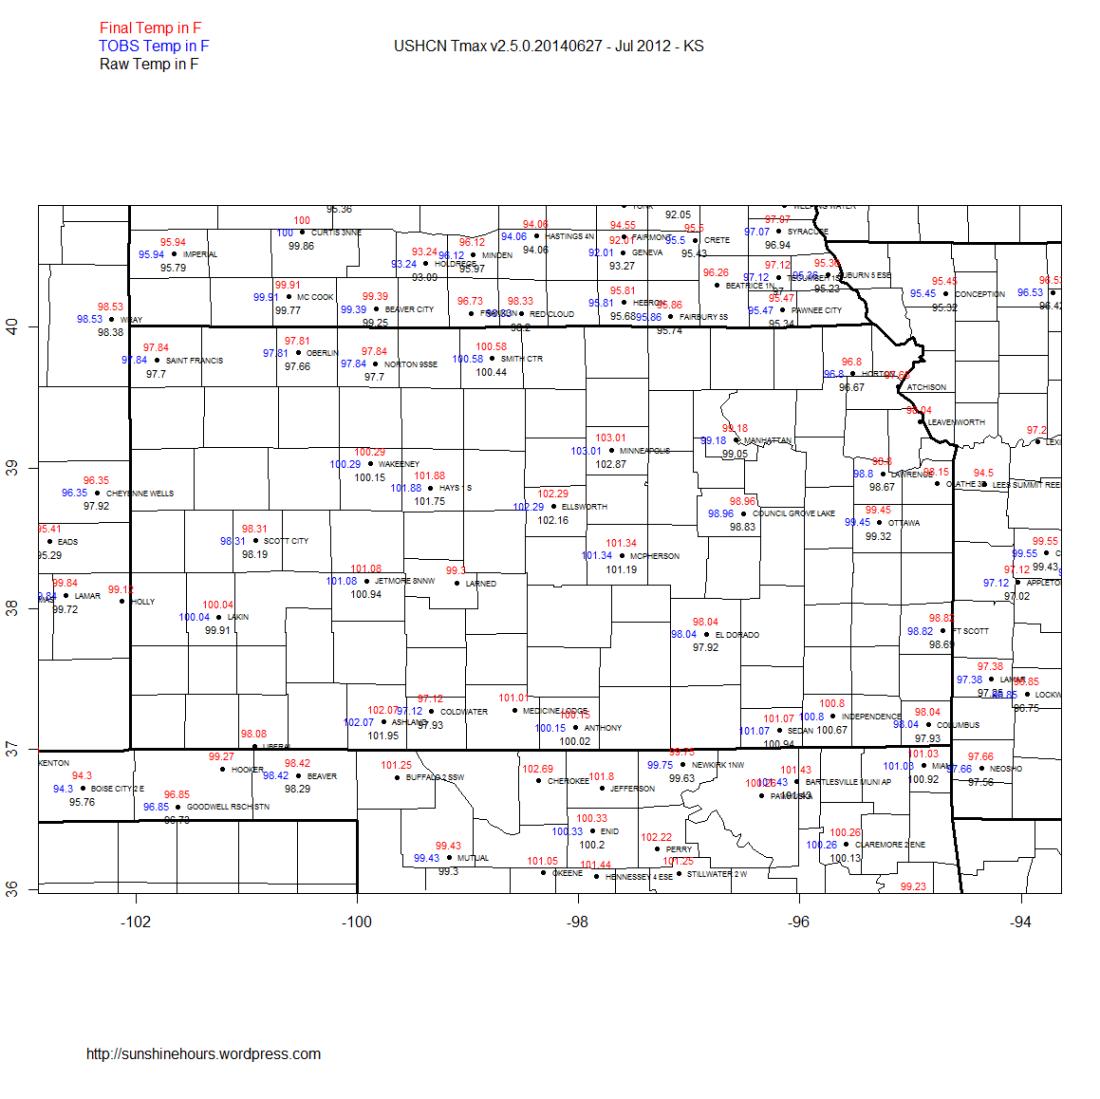 USHCN Tmax v2.5.0.20140627 - Jul 2012 - KS